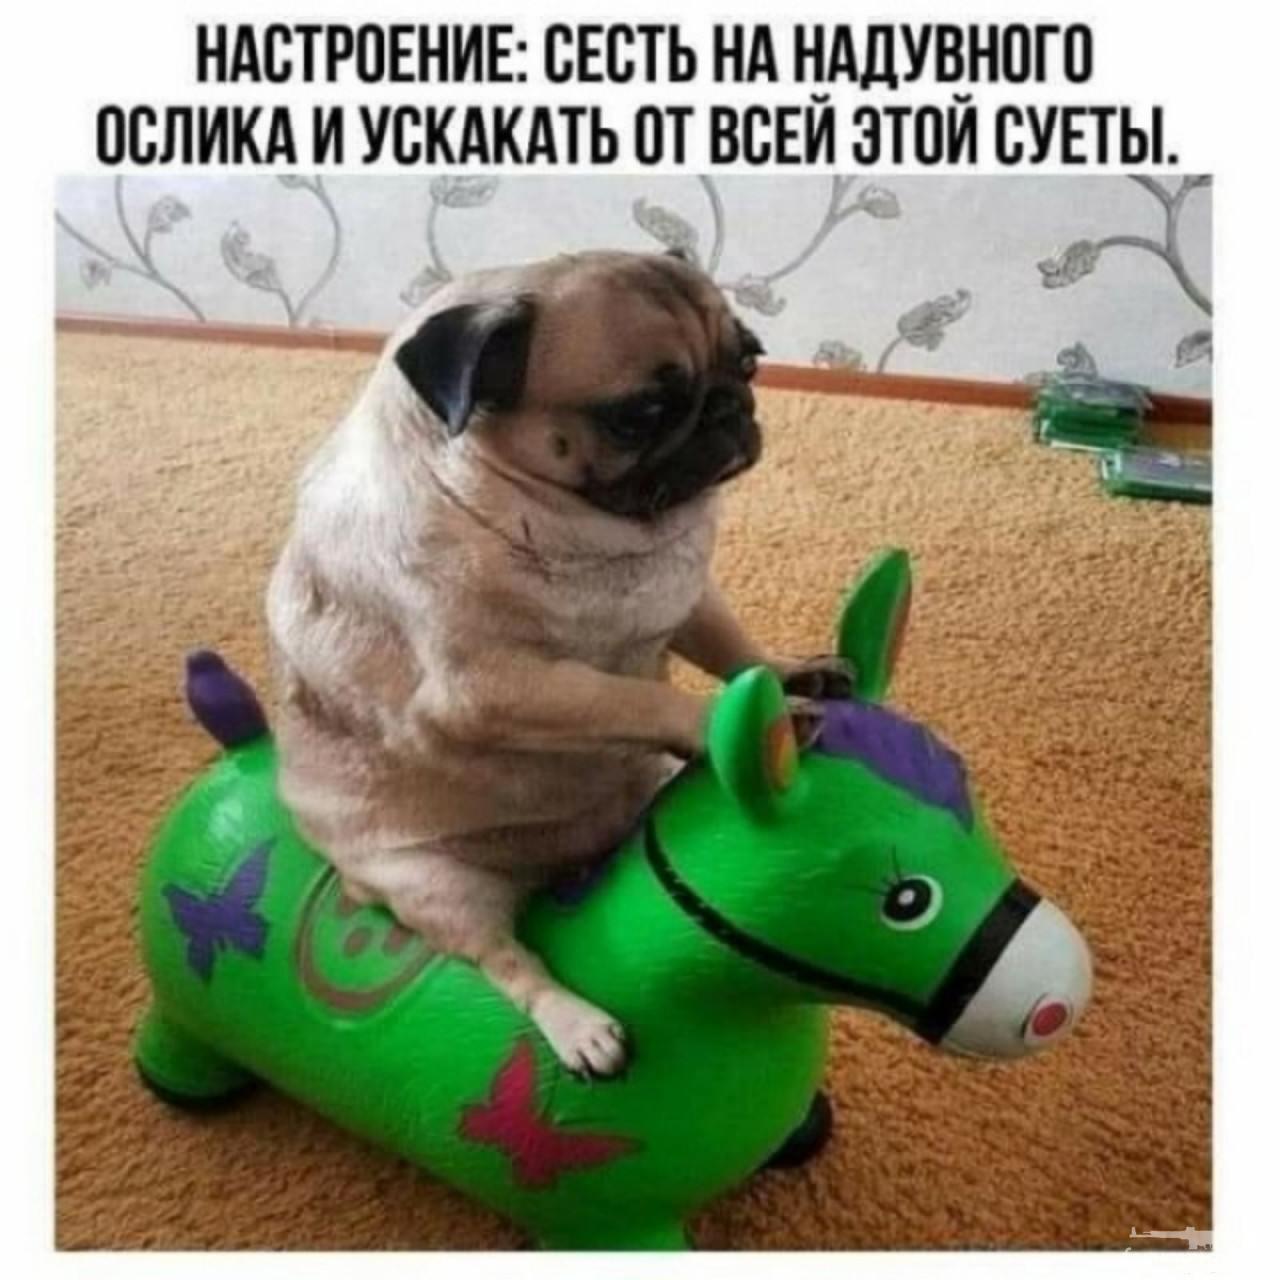 128898 - Смешные видео и фото с животными.